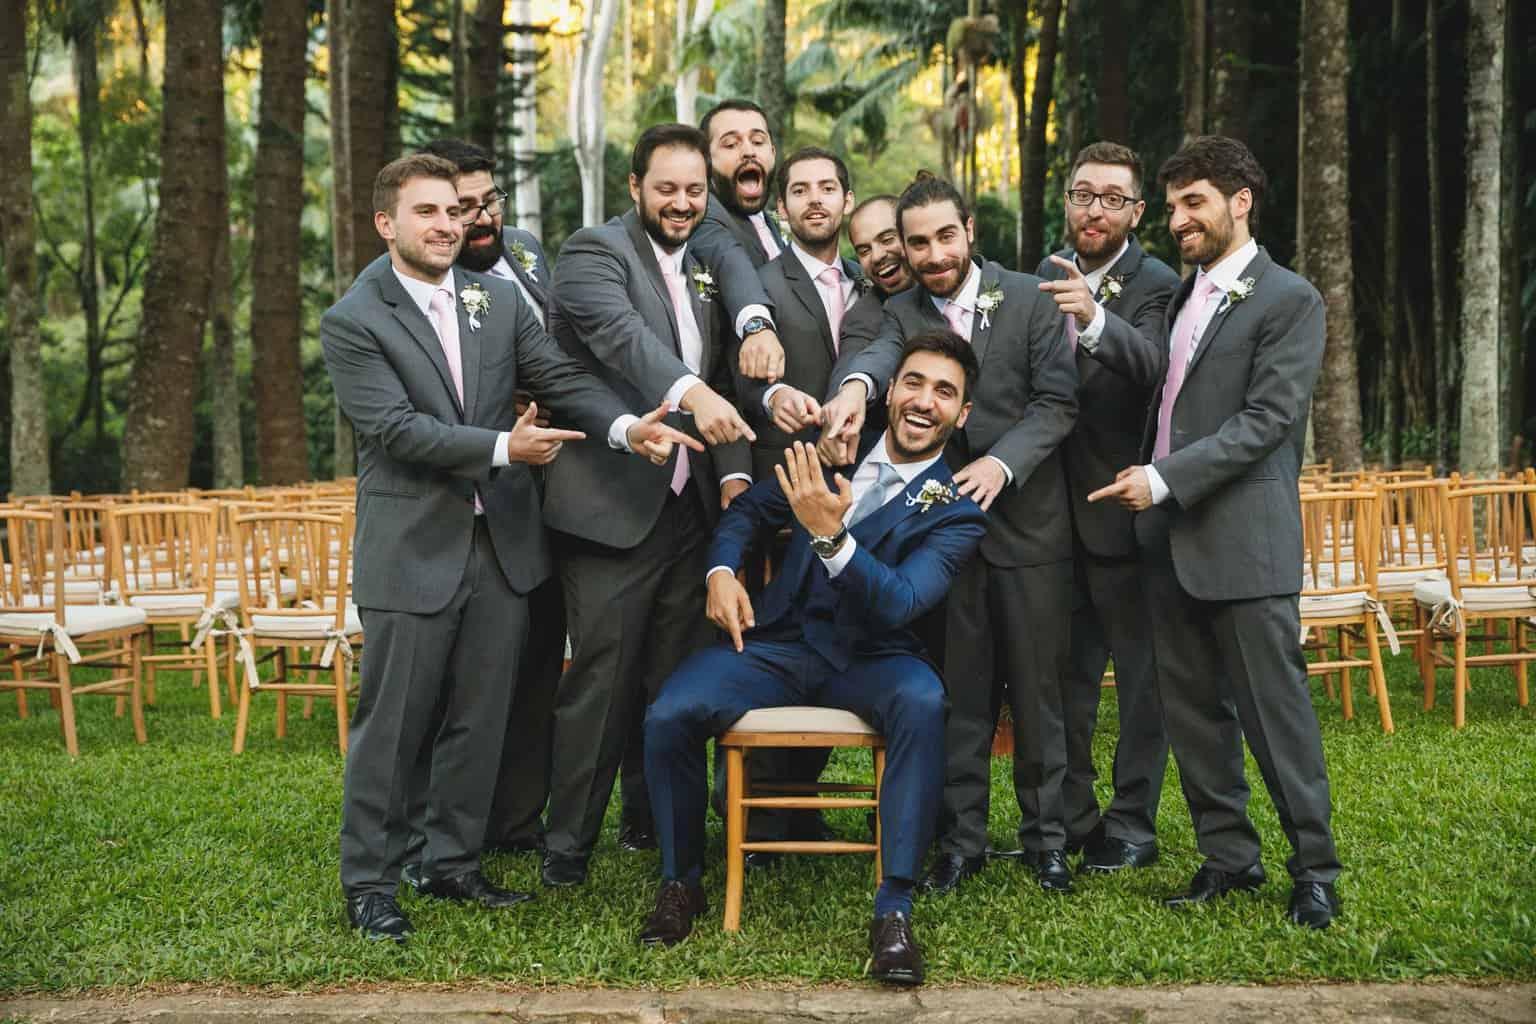 casamento-na-Fazenda-Vila-Rica-cerimonial-Ana-Paula-Tabet-Fotografia-Euka-Weddings-madrinhas-padrinhos-Renata-e-Gabriel116